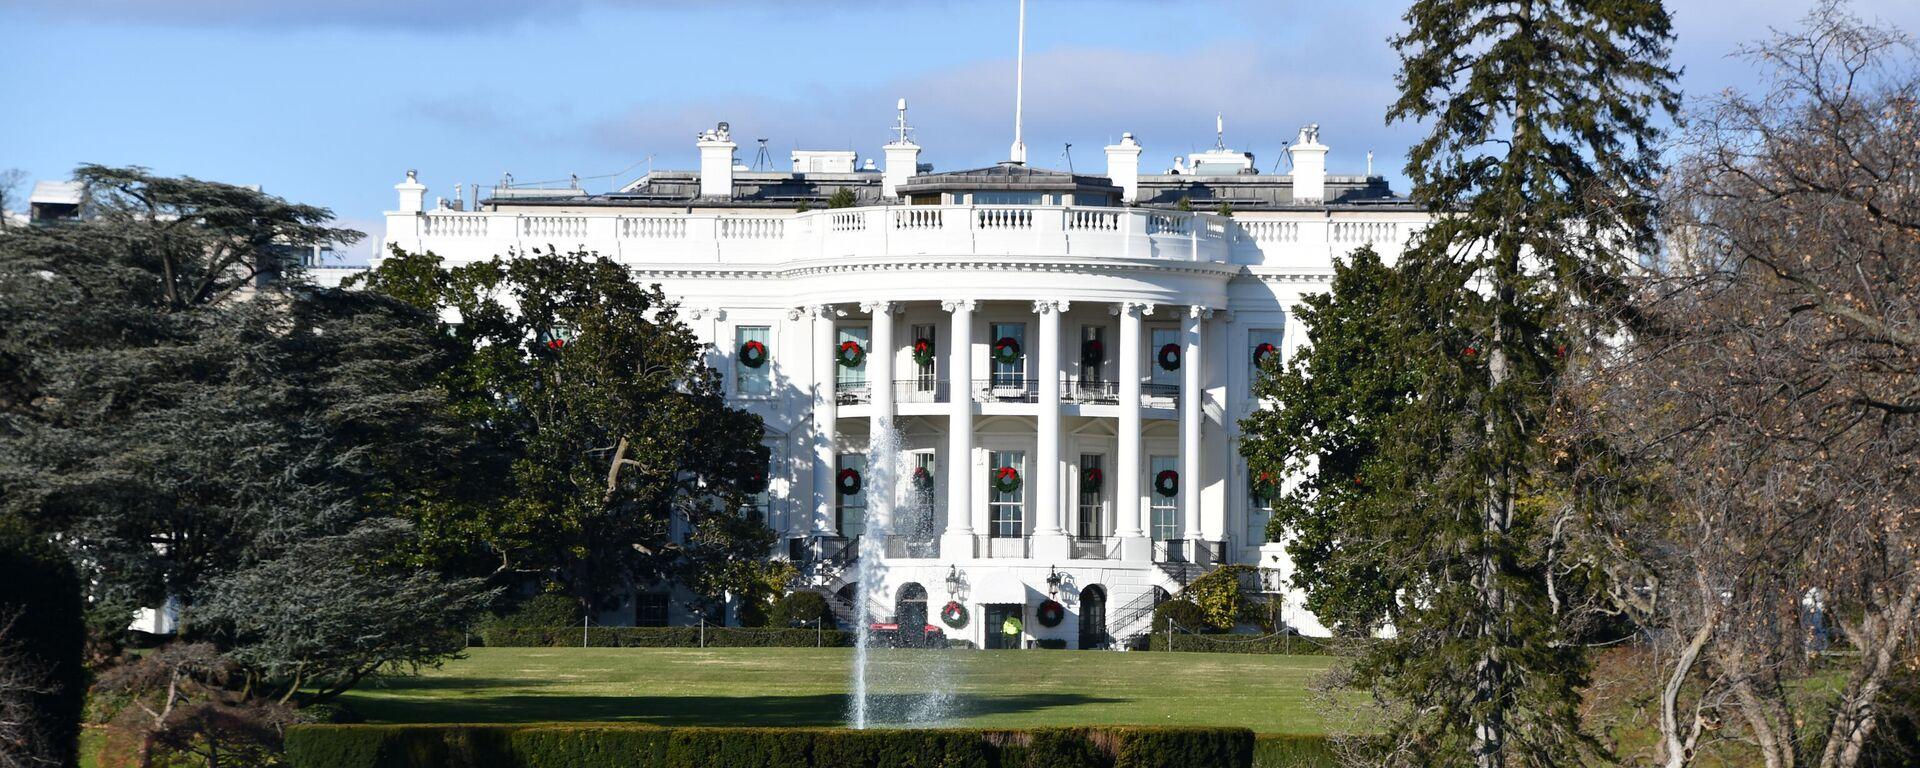 Das Weiße Haus - SNA, 1920, 18.12.2020